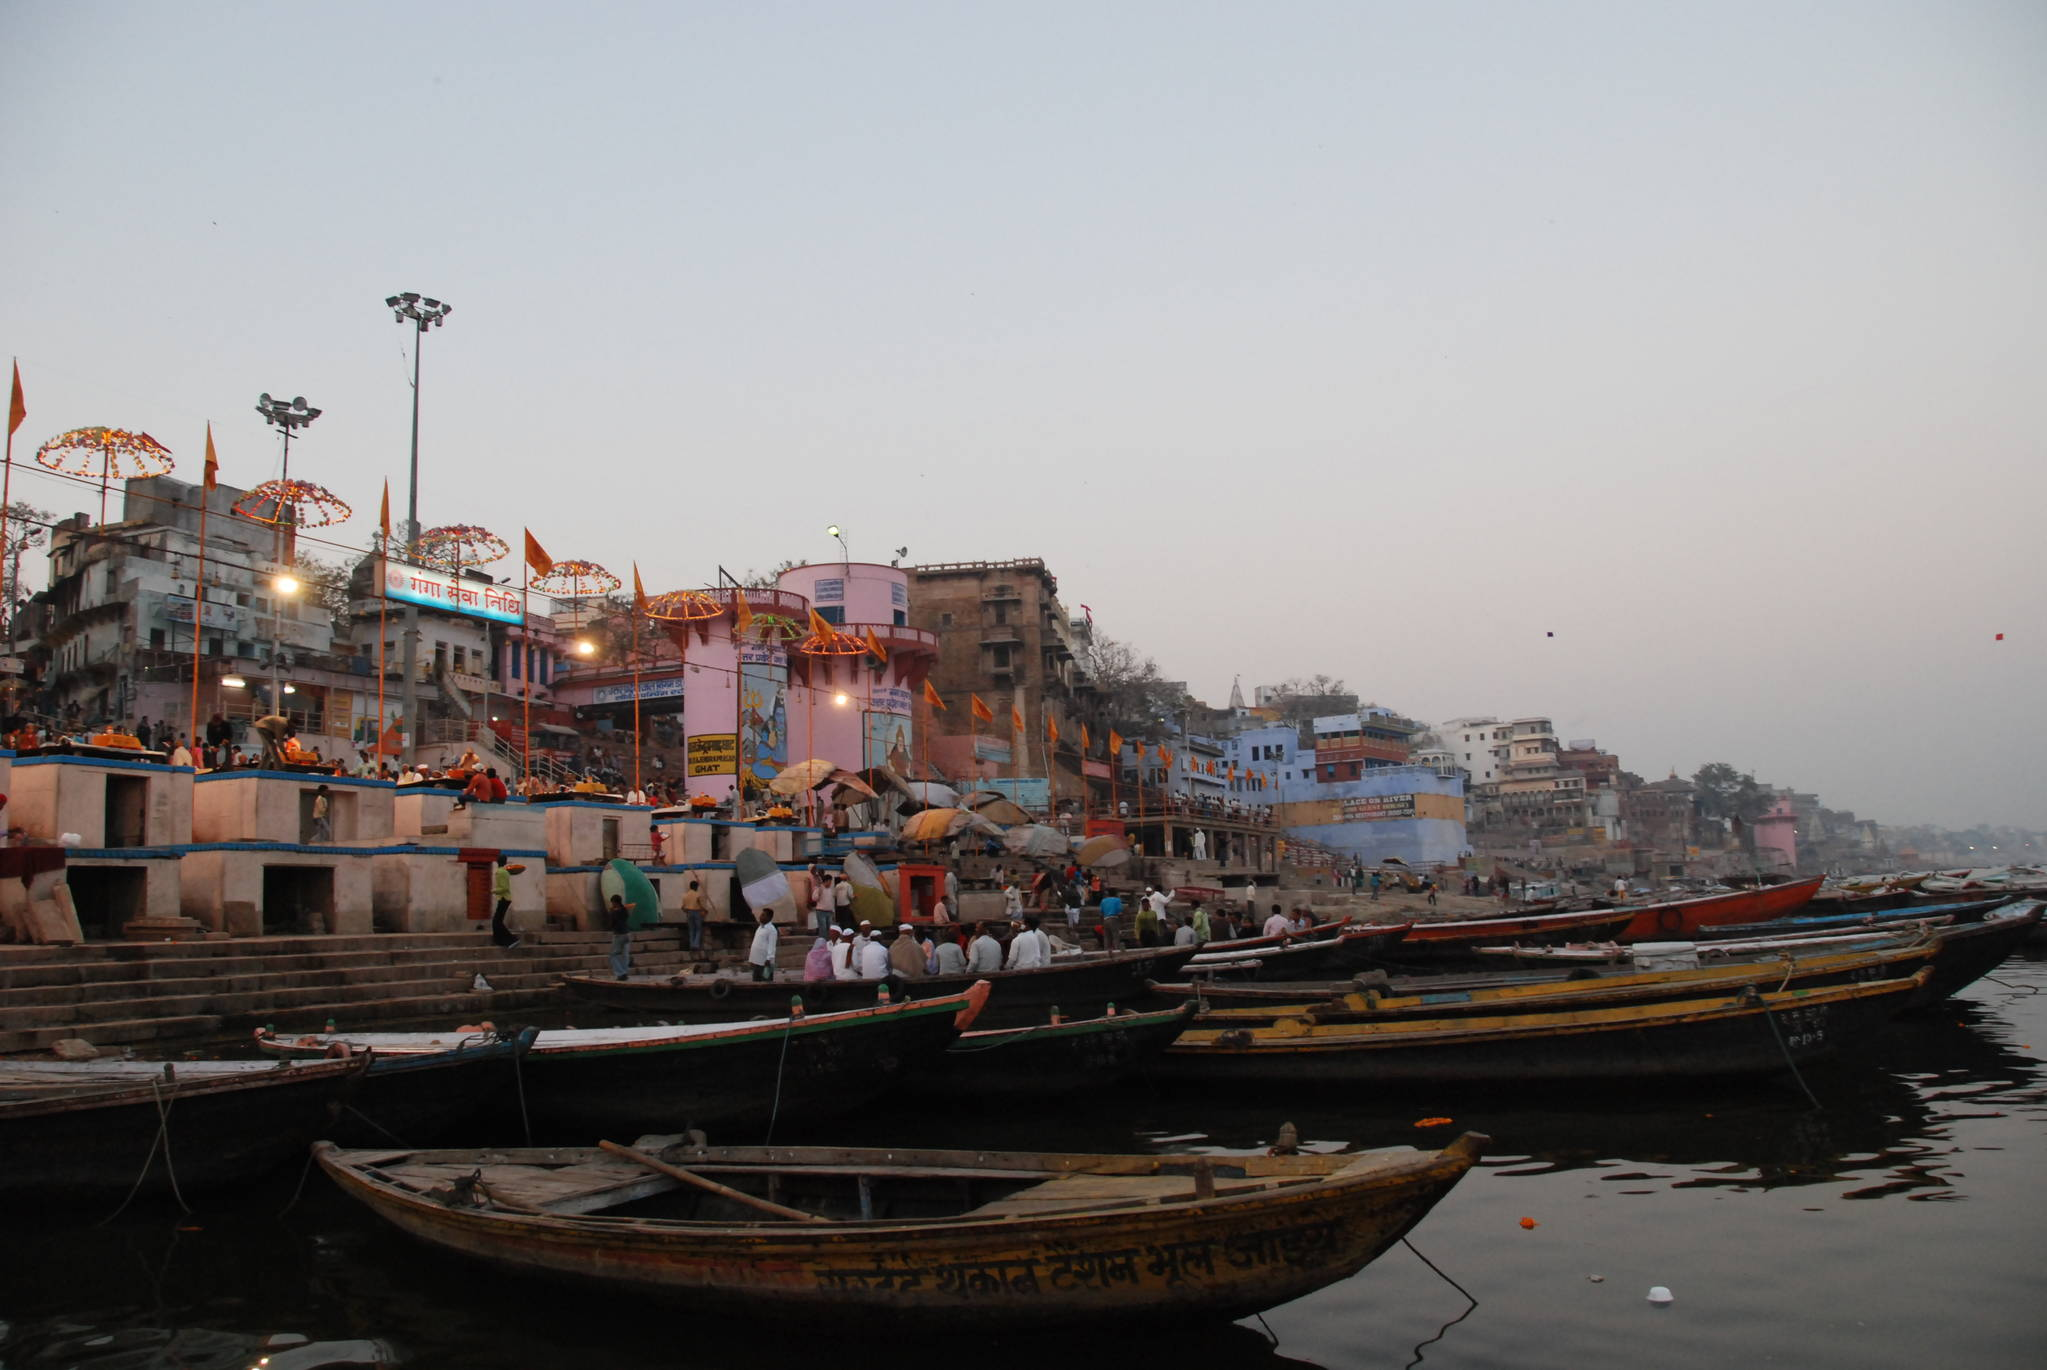 저녁 무렵의 갠지스강. 강변에서는 힌두교식 종교행사가 열리고 있었다. 힌두교도들은 갠지스강이 시바신이 사는 천국으로 흘러간다고 믿는다. 백성호 기자